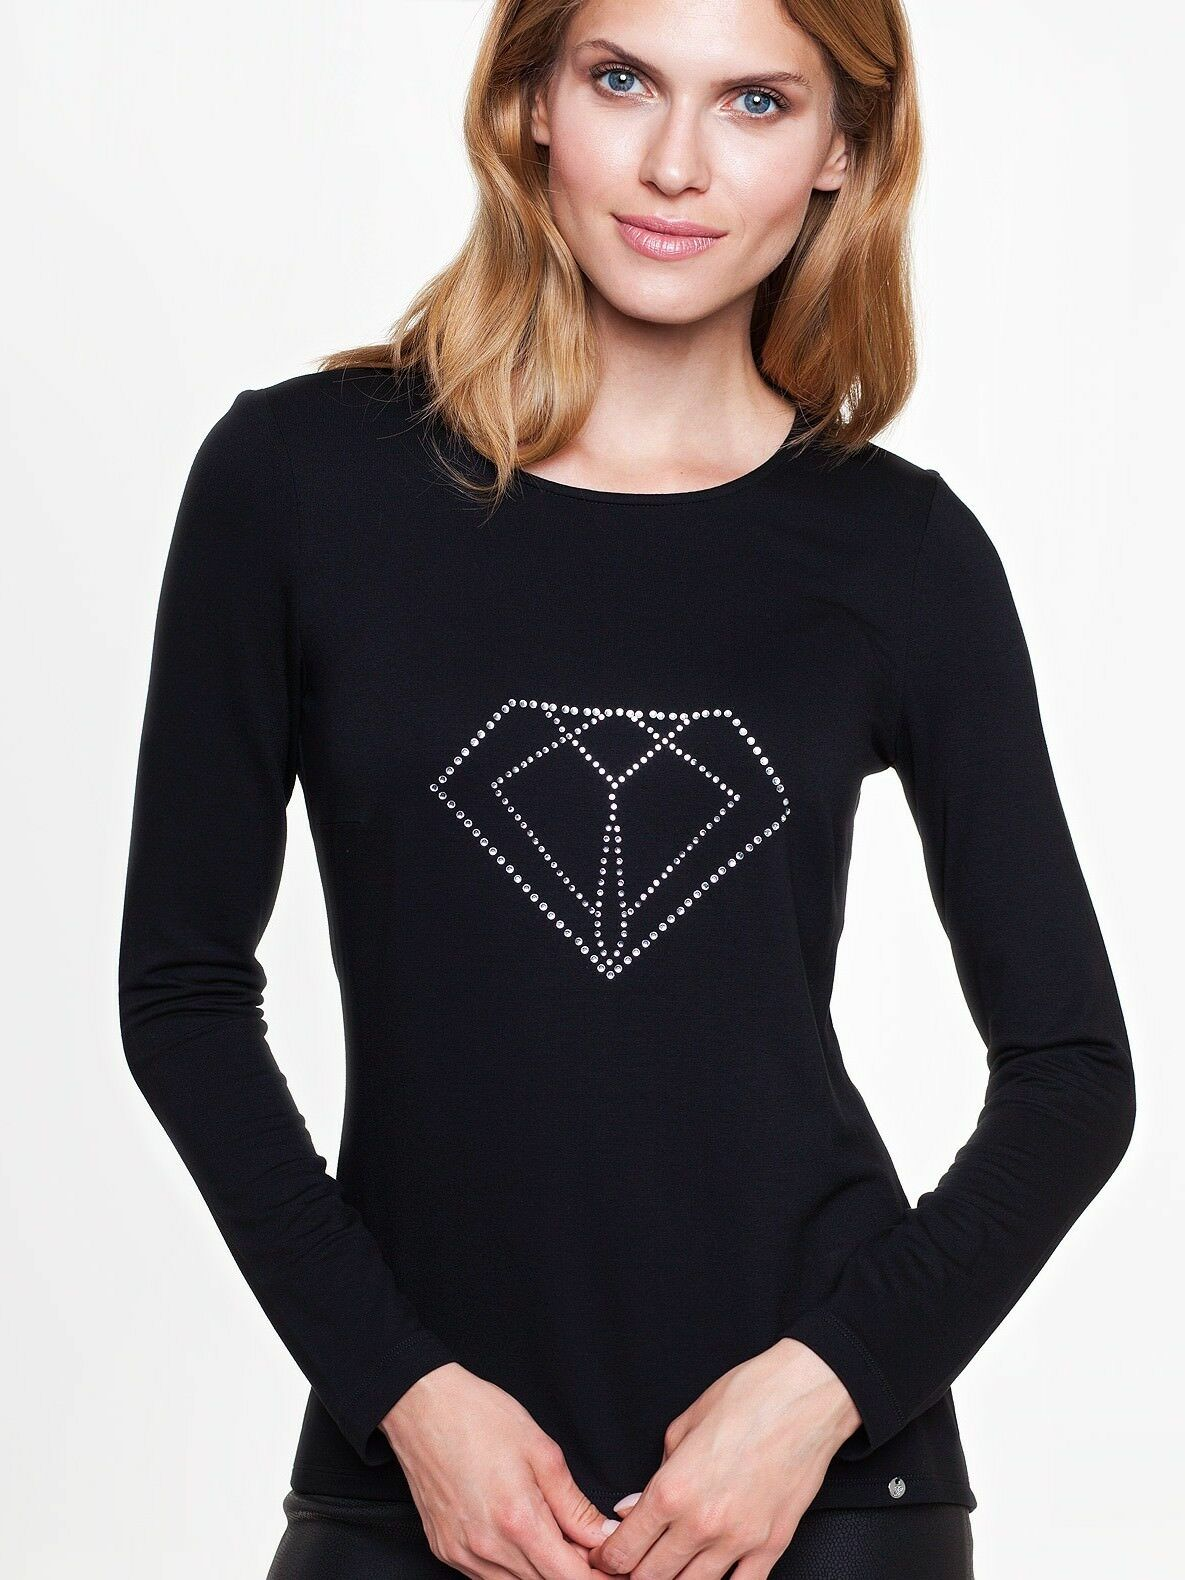 Longshirt Shirt Tunika Blause Stretch Langarm Schwarz  Gr. Gr. Gr. 38 40 44   Zu einem erschwinglichen Preis    Elegant Und Würdevoll    Spezielle Funktion  7e3520